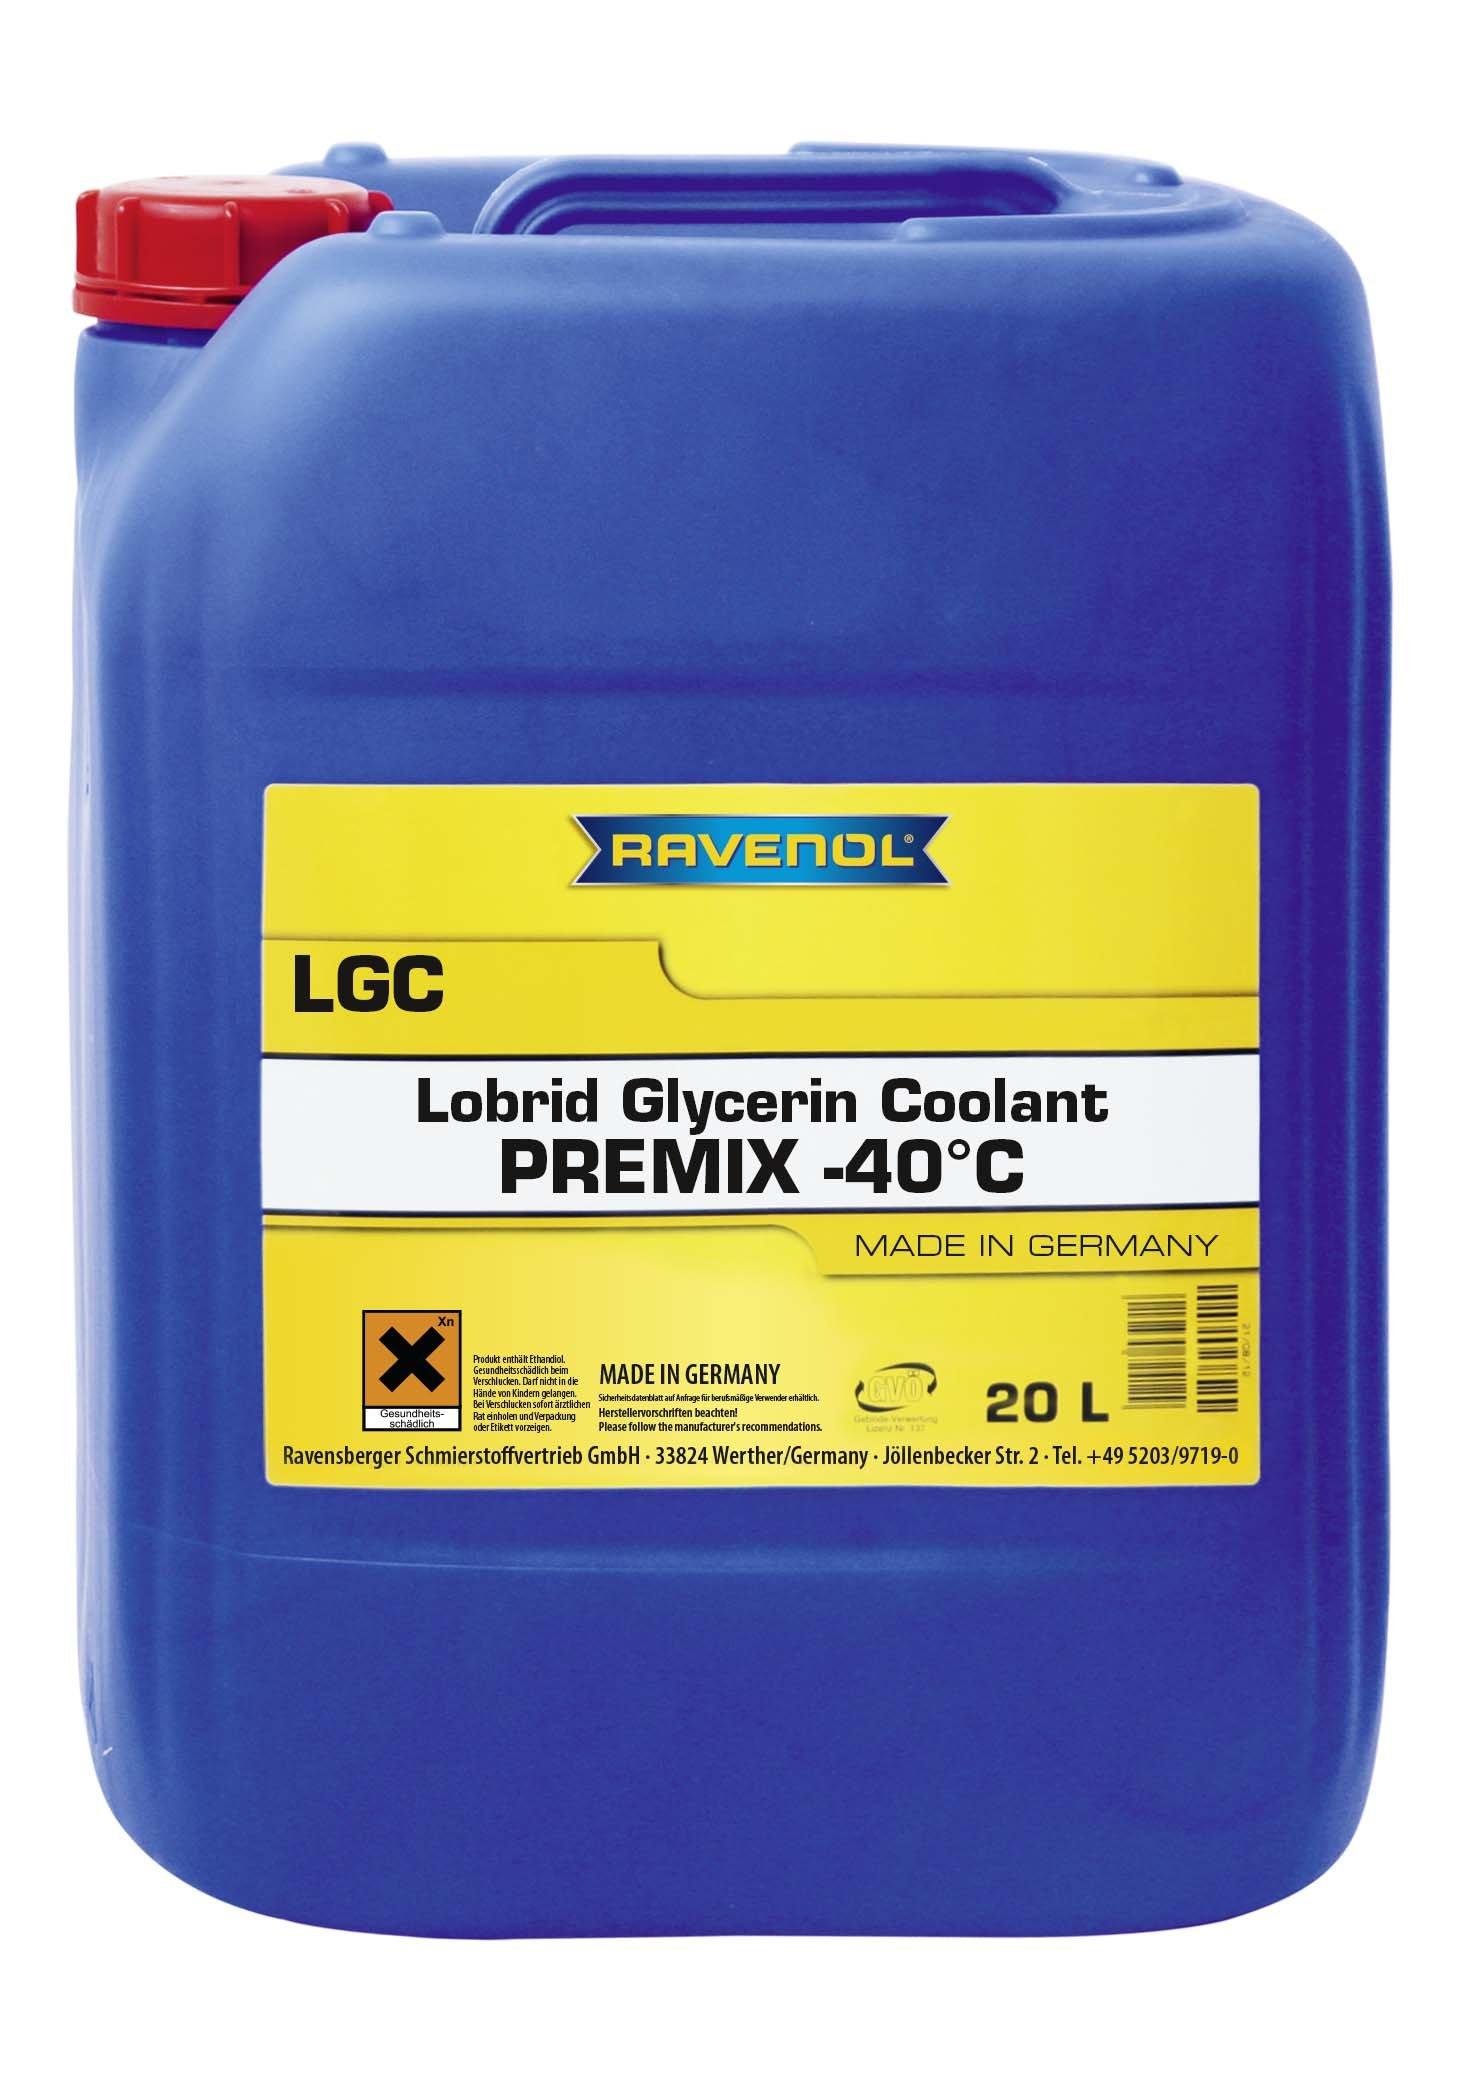 RAVENOL J4D2102-020 Coolant Antifreeze - LGC C13 Premix VW TL 774-J (G13) (20L Jug) by Ravenol